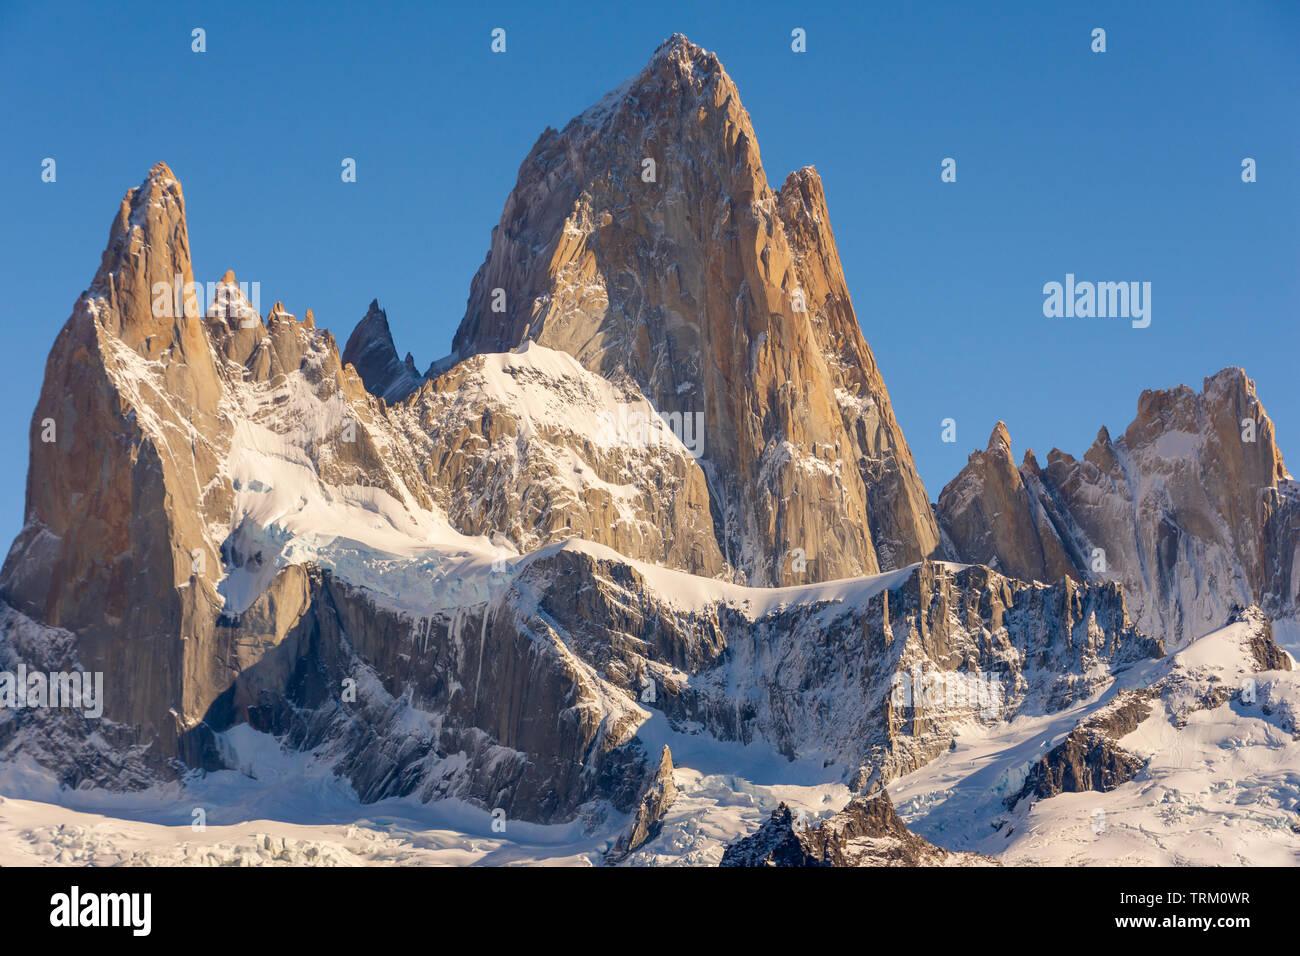 Una vista del Cerro Fitz Roy, en las afueras de la localidad de El Chaltén, en la región de la Patagonia Argentina. Foto de stock